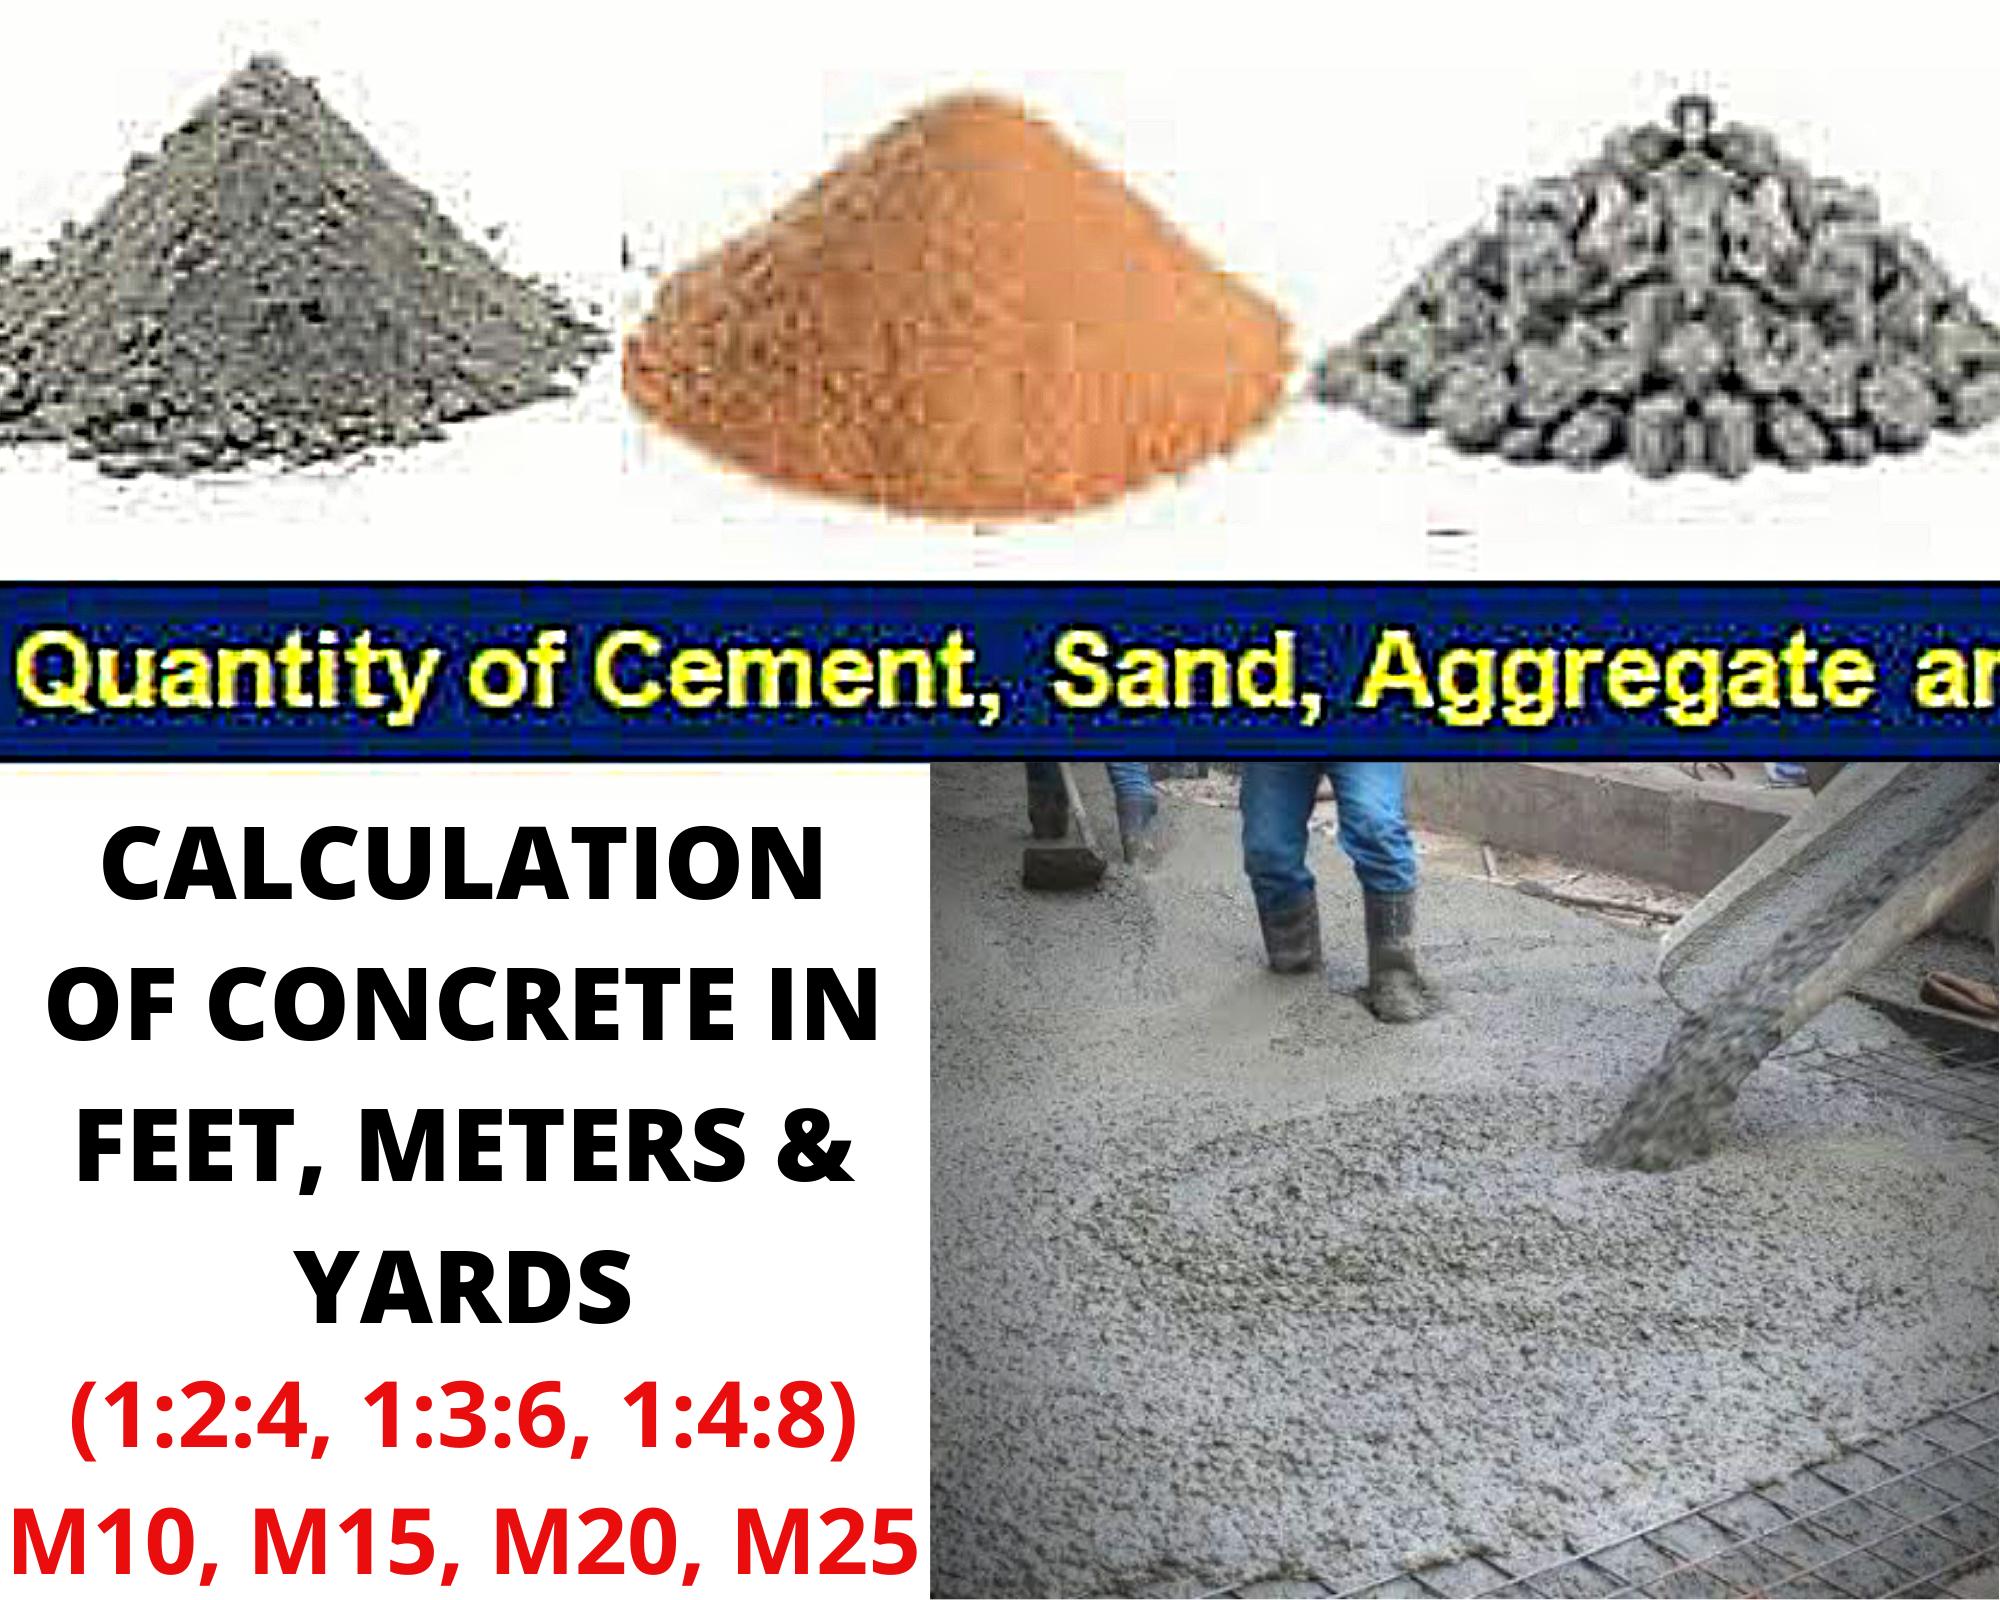 calculate cement, sand, aggregate in concrete